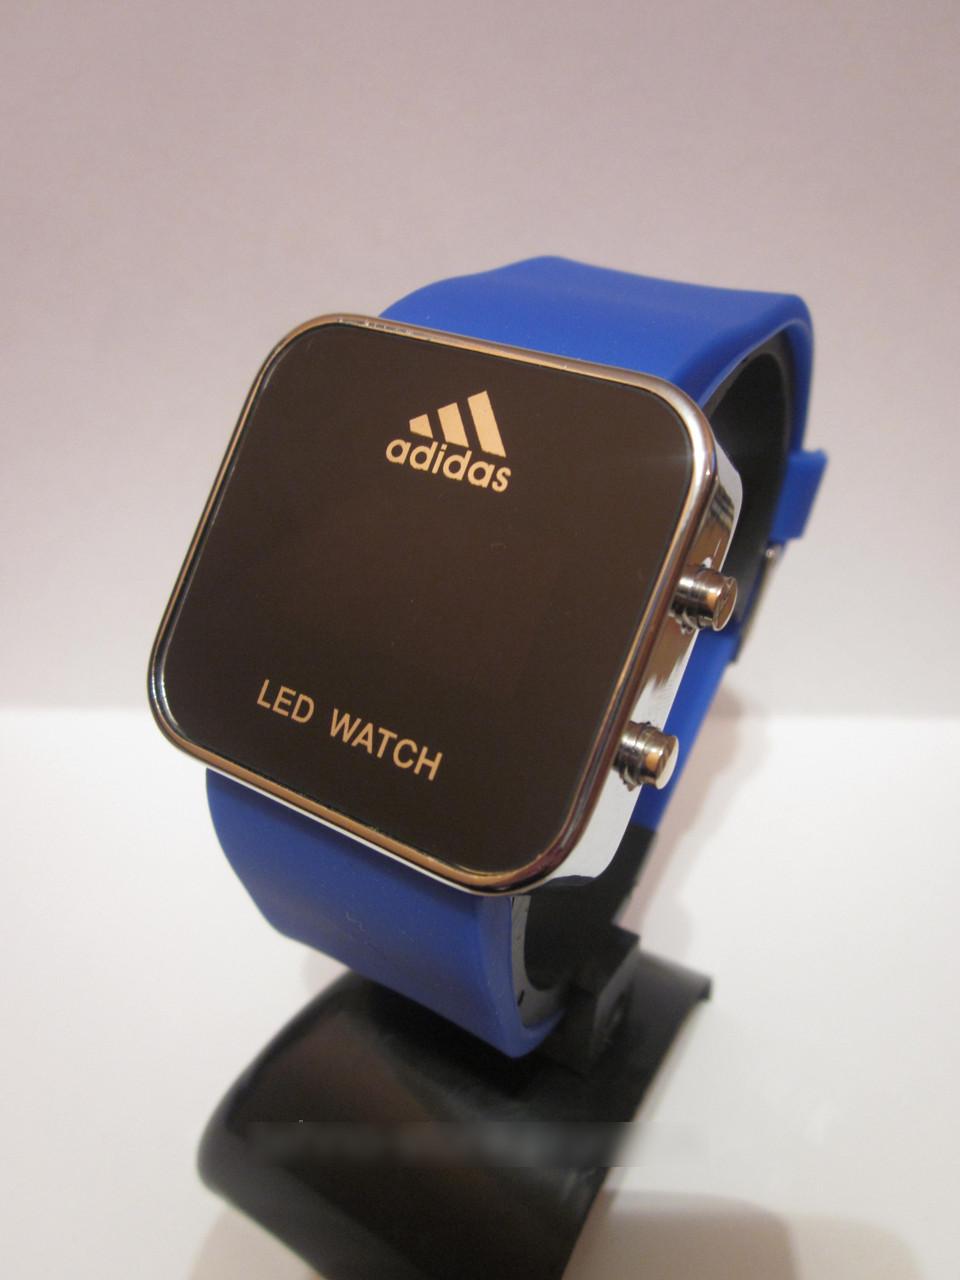 Часы наручные Adidas Led Watch, наручные часы Адидас - Svitparfum.com - мир Вашего стиля в Киеве